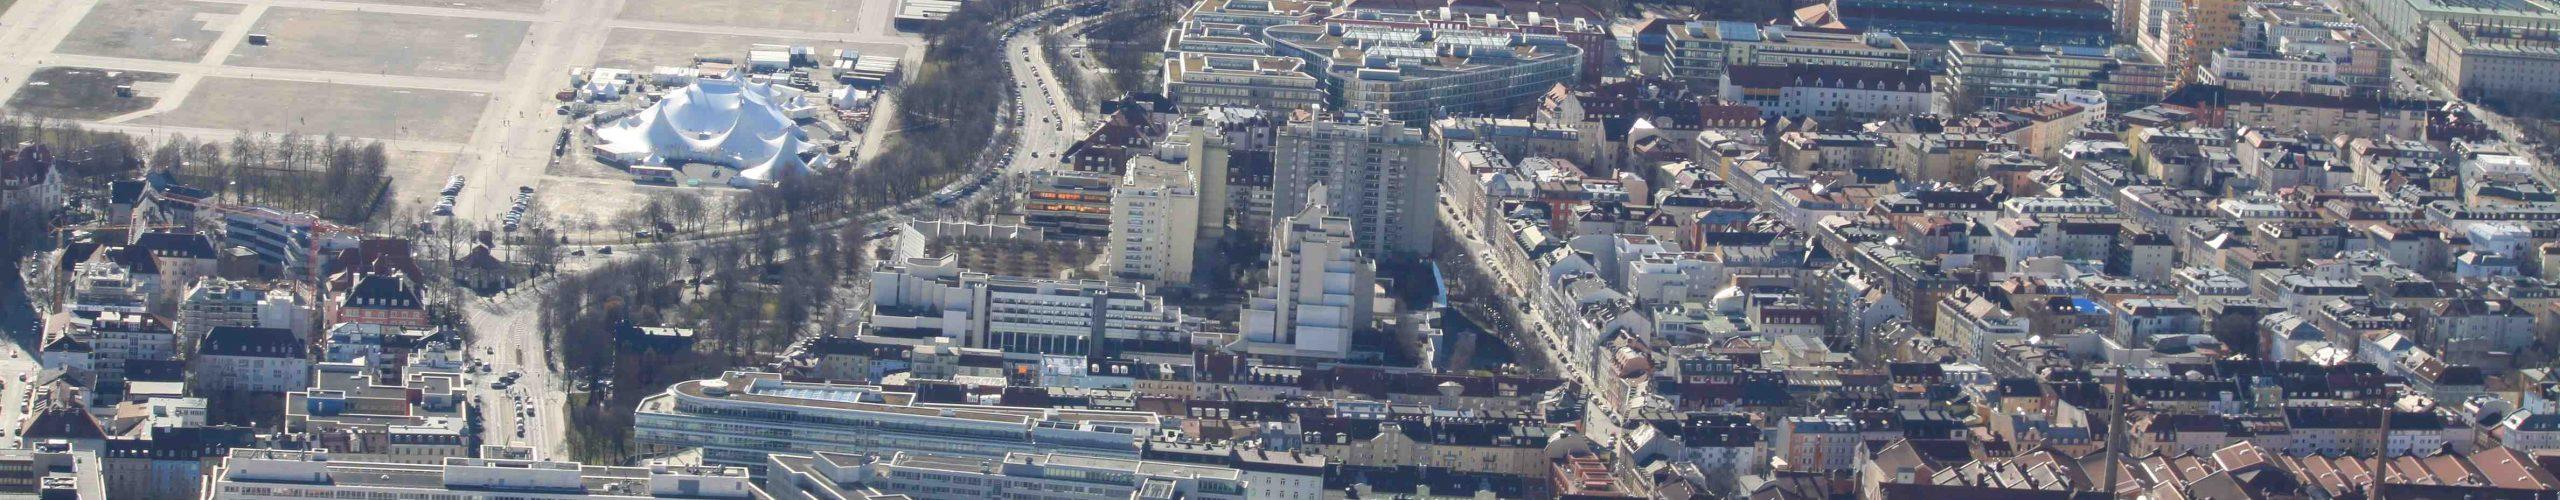 Monaco Franze Platz